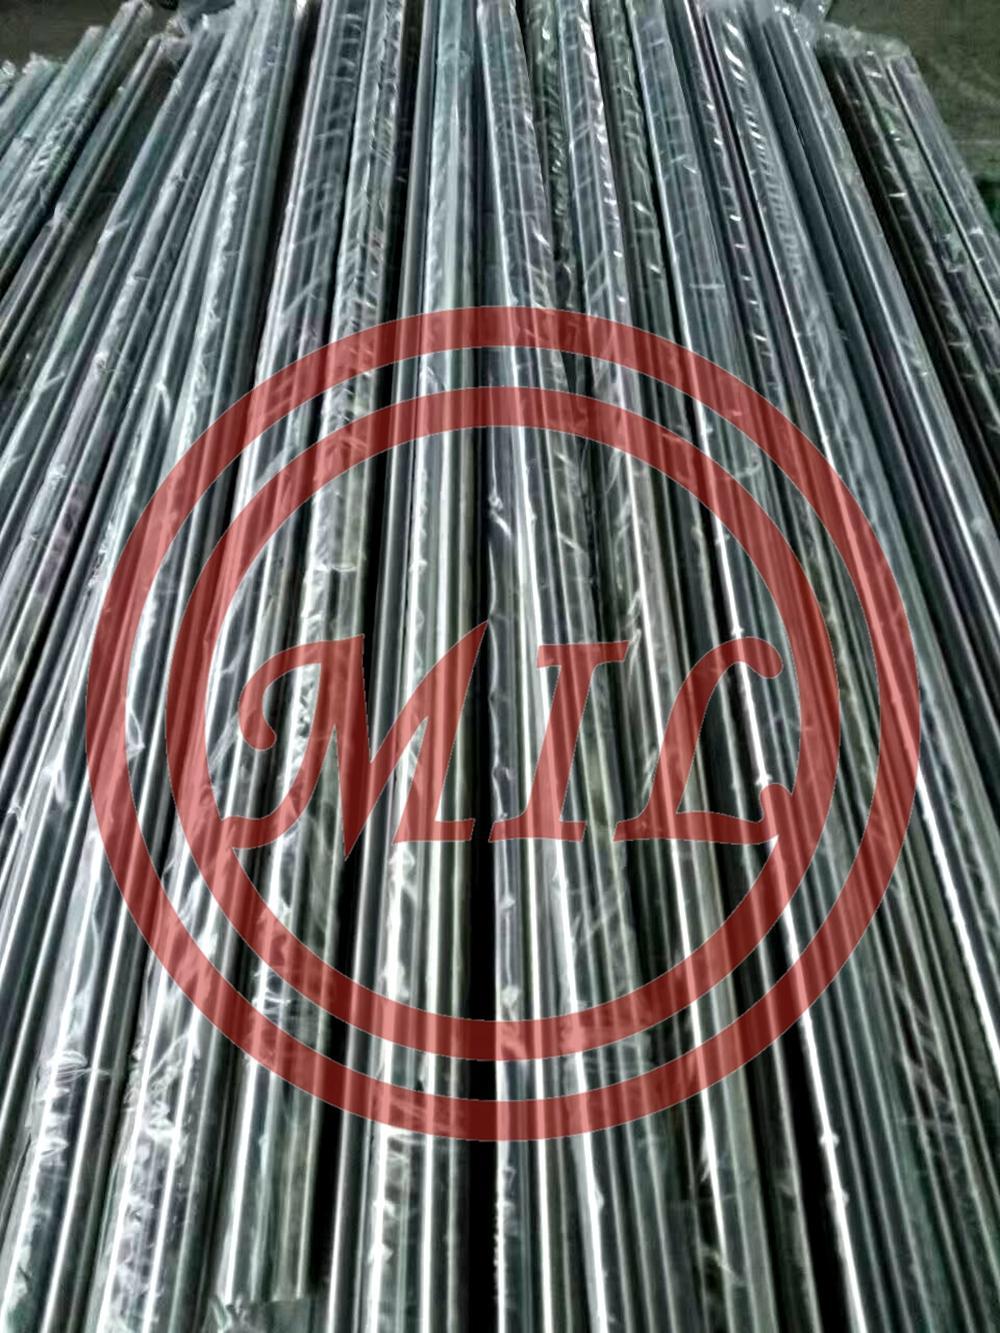 ASME SA213/SA213M/SA688/SA789 304/304L/304H Stainless Steel Heat Exchanger Pipe